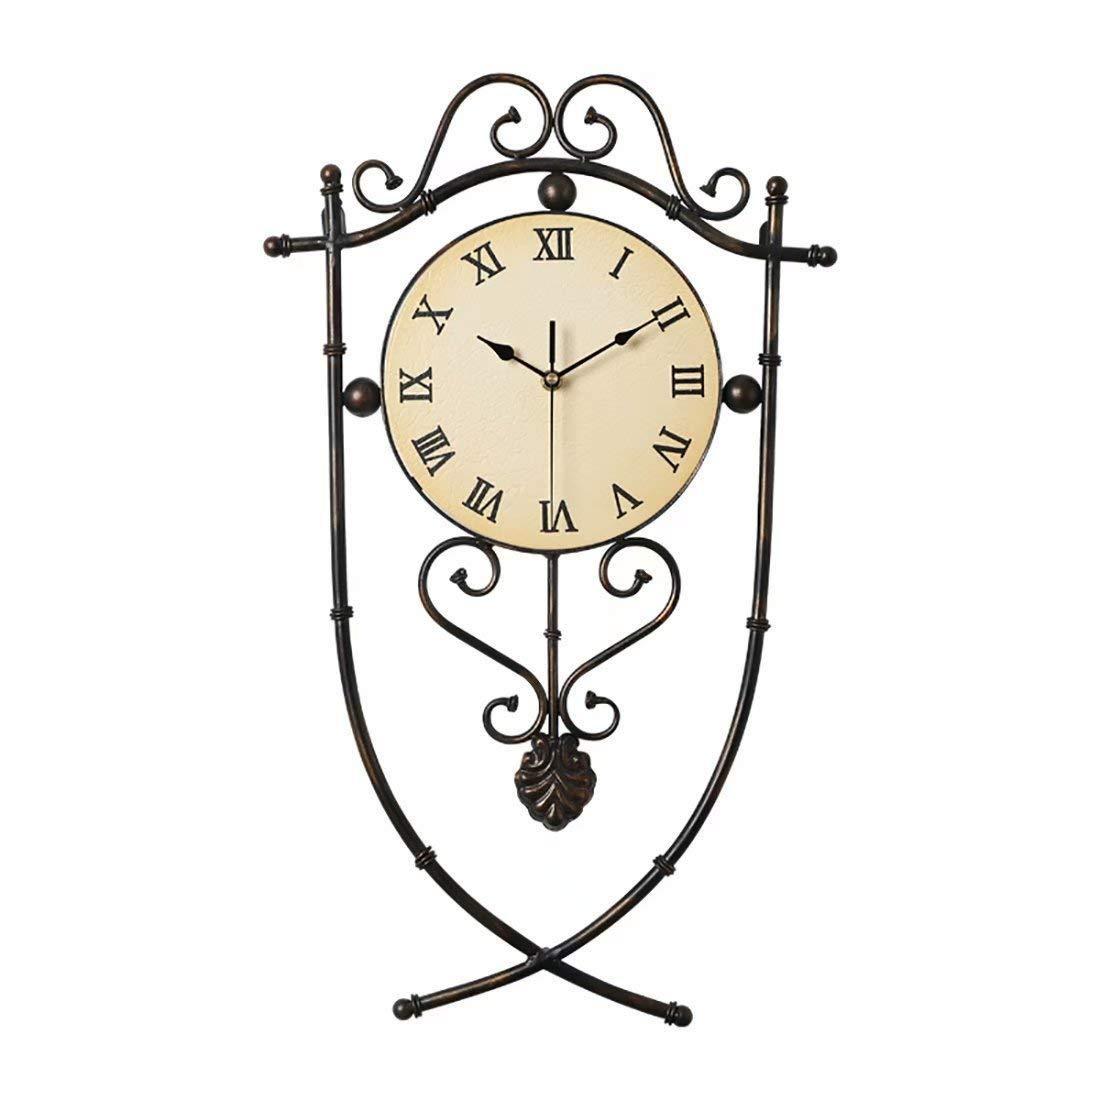 QuarzuhrKreative Dekorative Des Schlafzimmers Europäische Amerikanische Retro Stille WanduhrWohnzimmer Uhr DeEH2I9WY